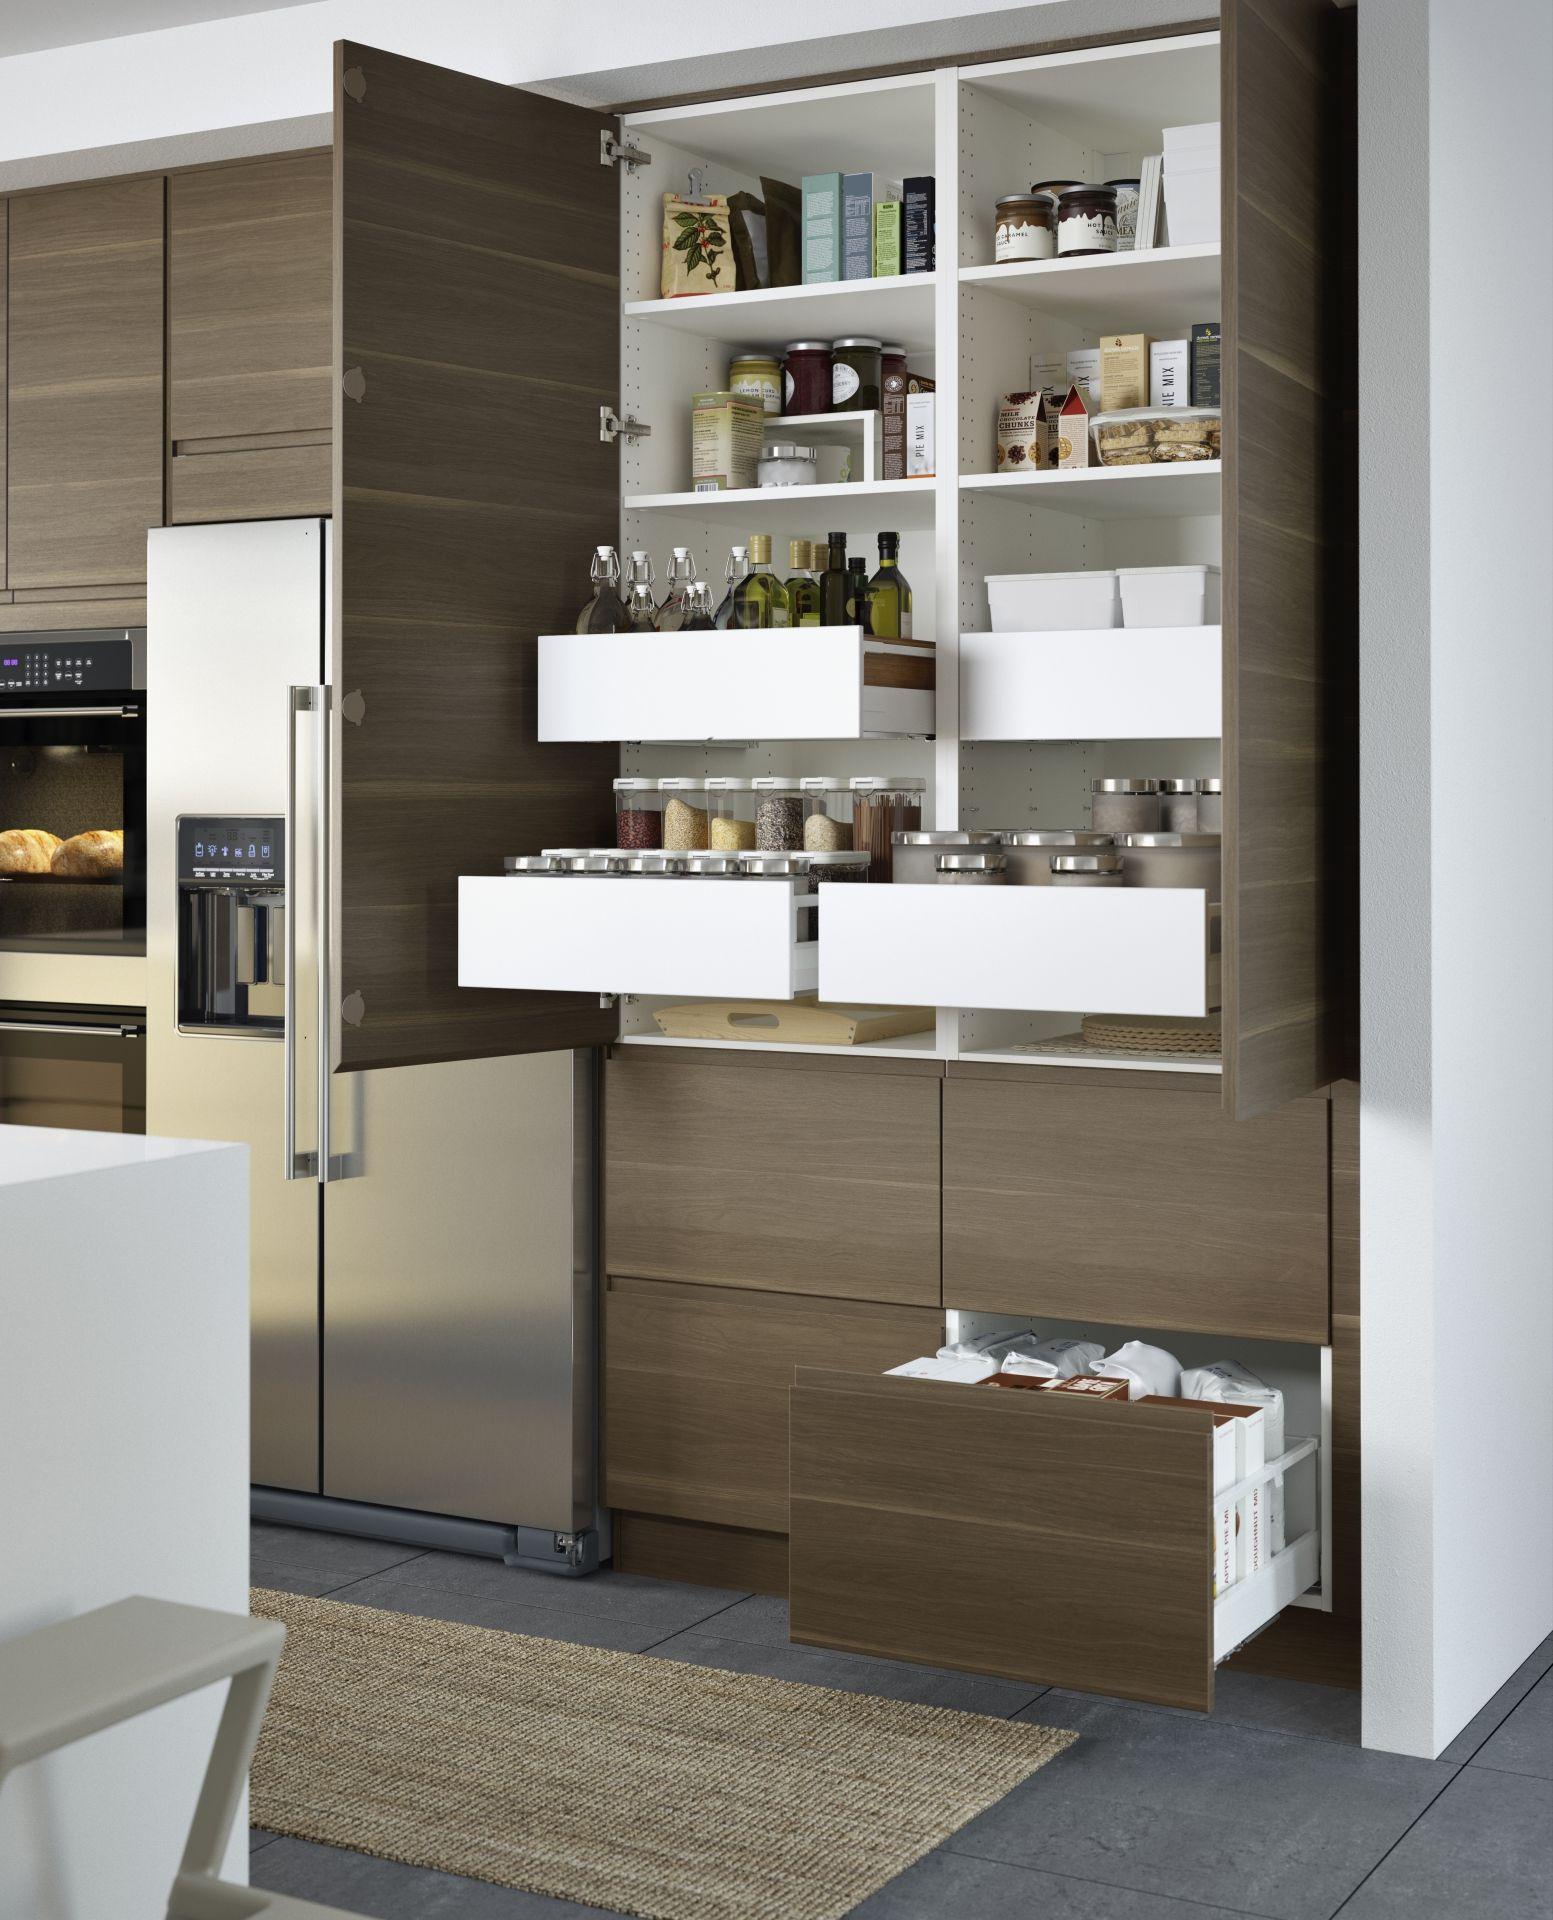 Voxtorp Deur Walnootpatroon Cucina Keuken Idee Keuken Ideeen